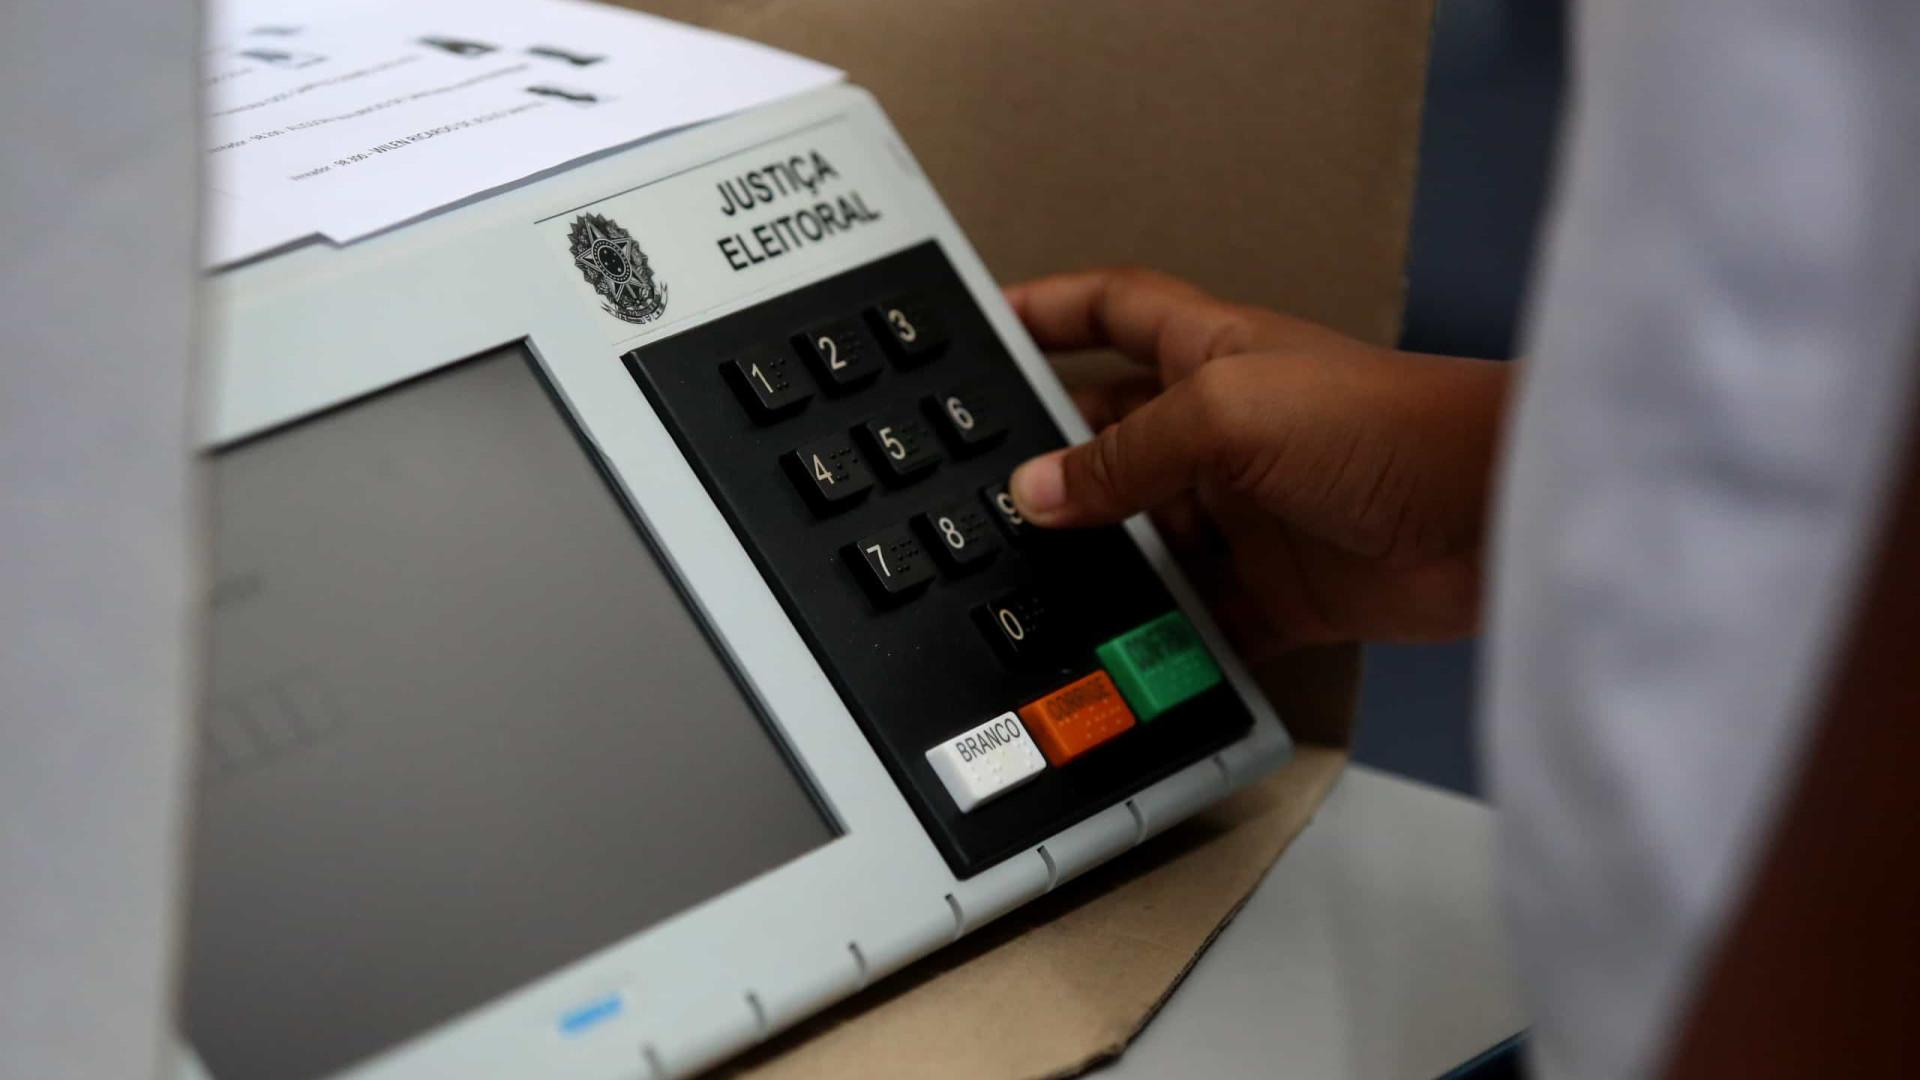 Brasil tem 147,9 milhões de eleitores aptos a votar